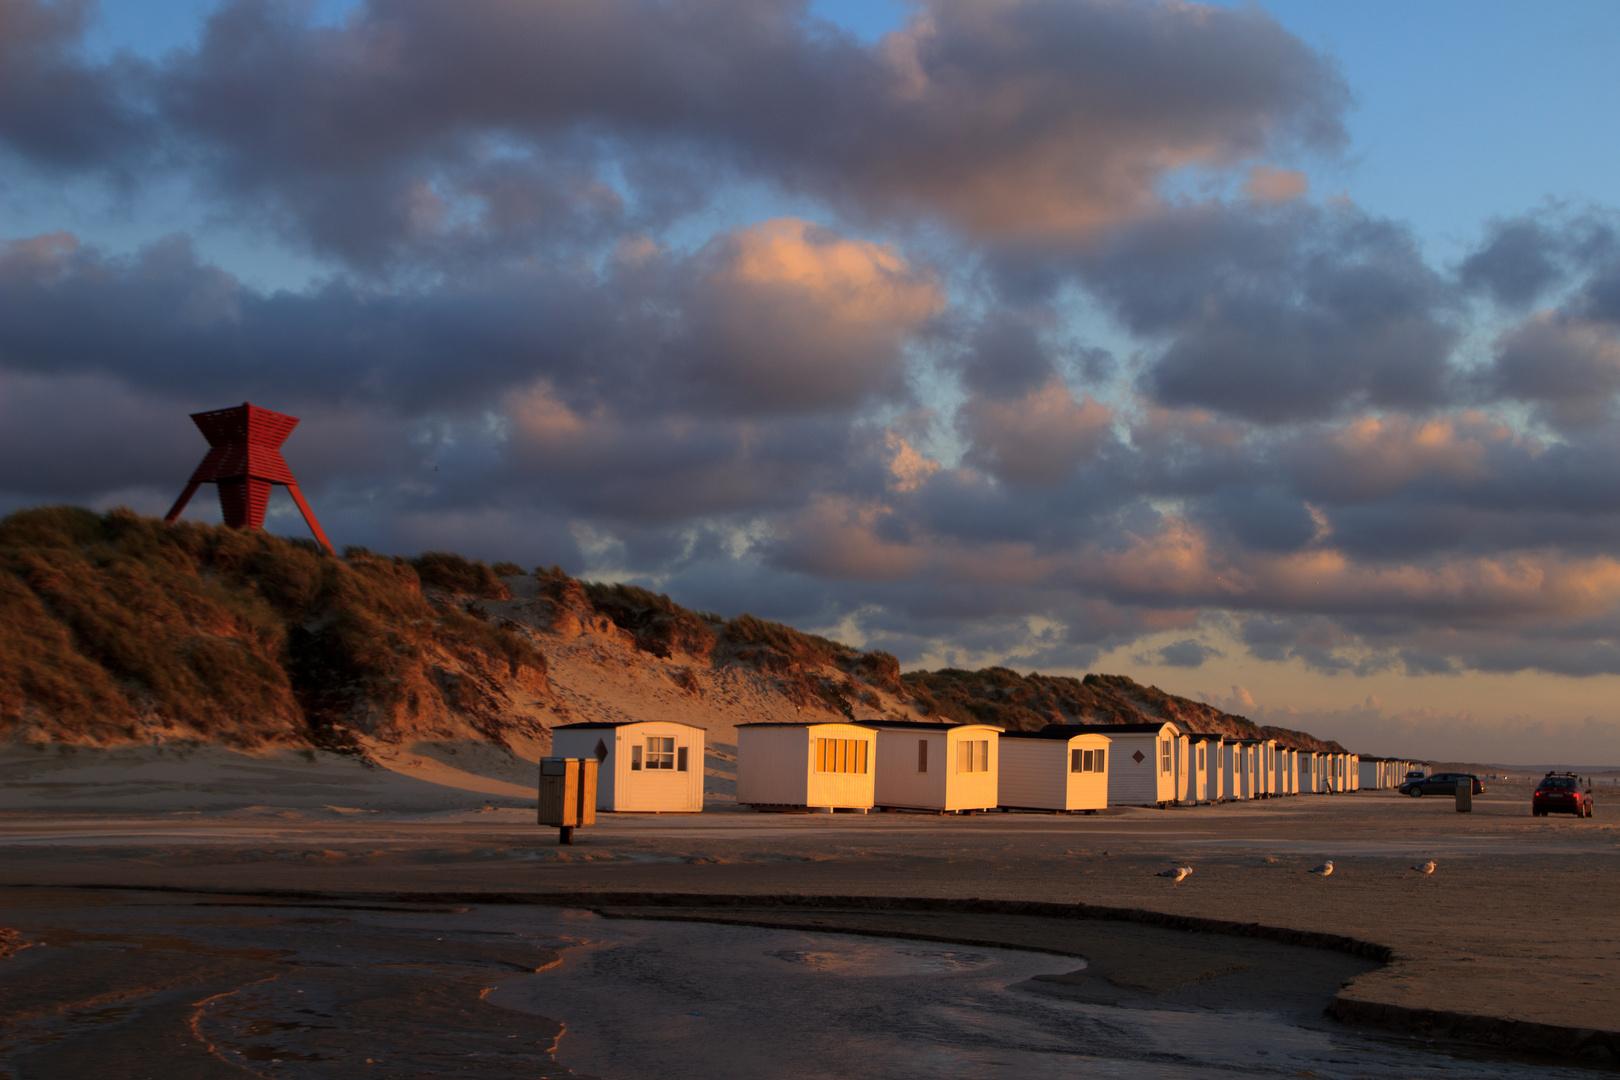 Seezeichen und Badehäuser bei Sonnenuntergang